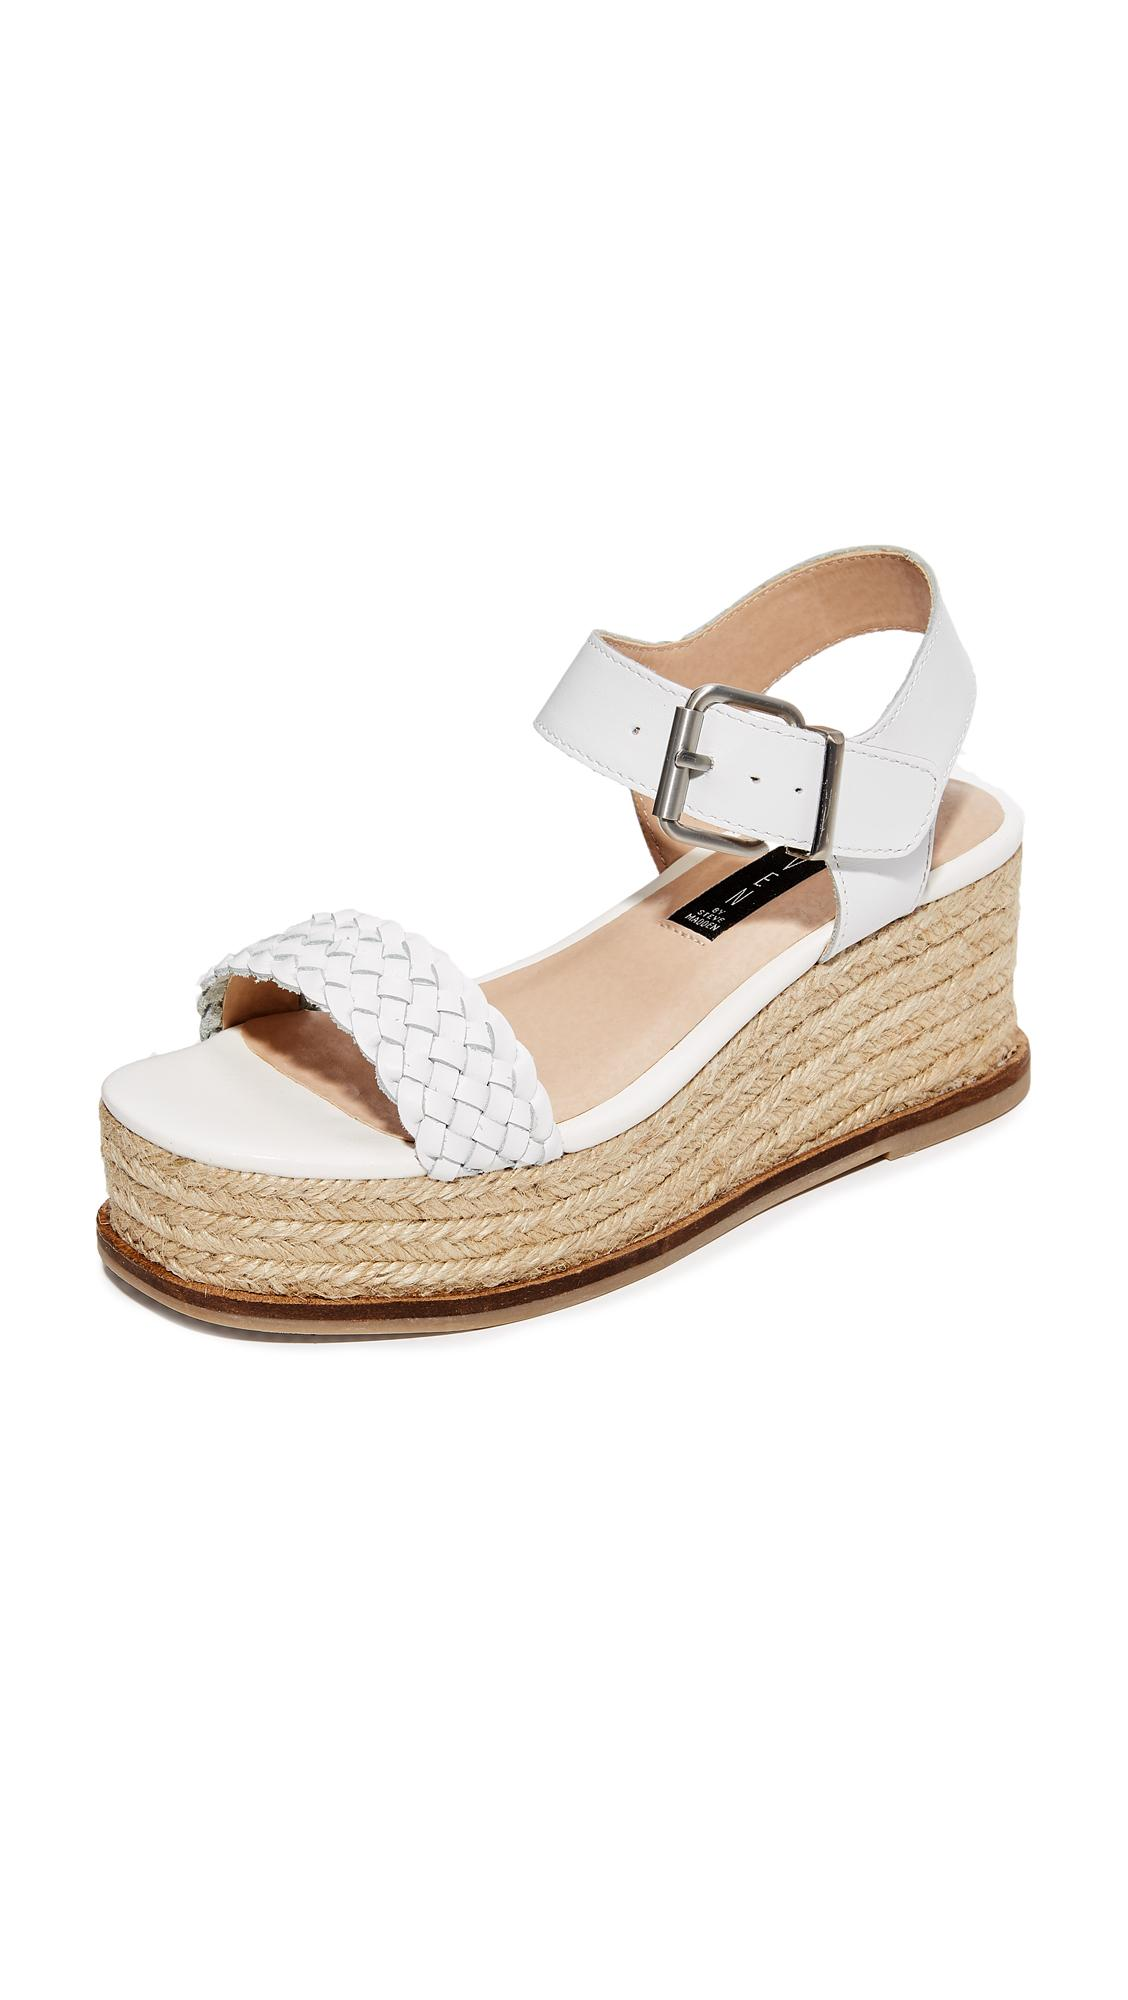 Steven By Steve Madden Sabble Flatform Sandals In White Lyst